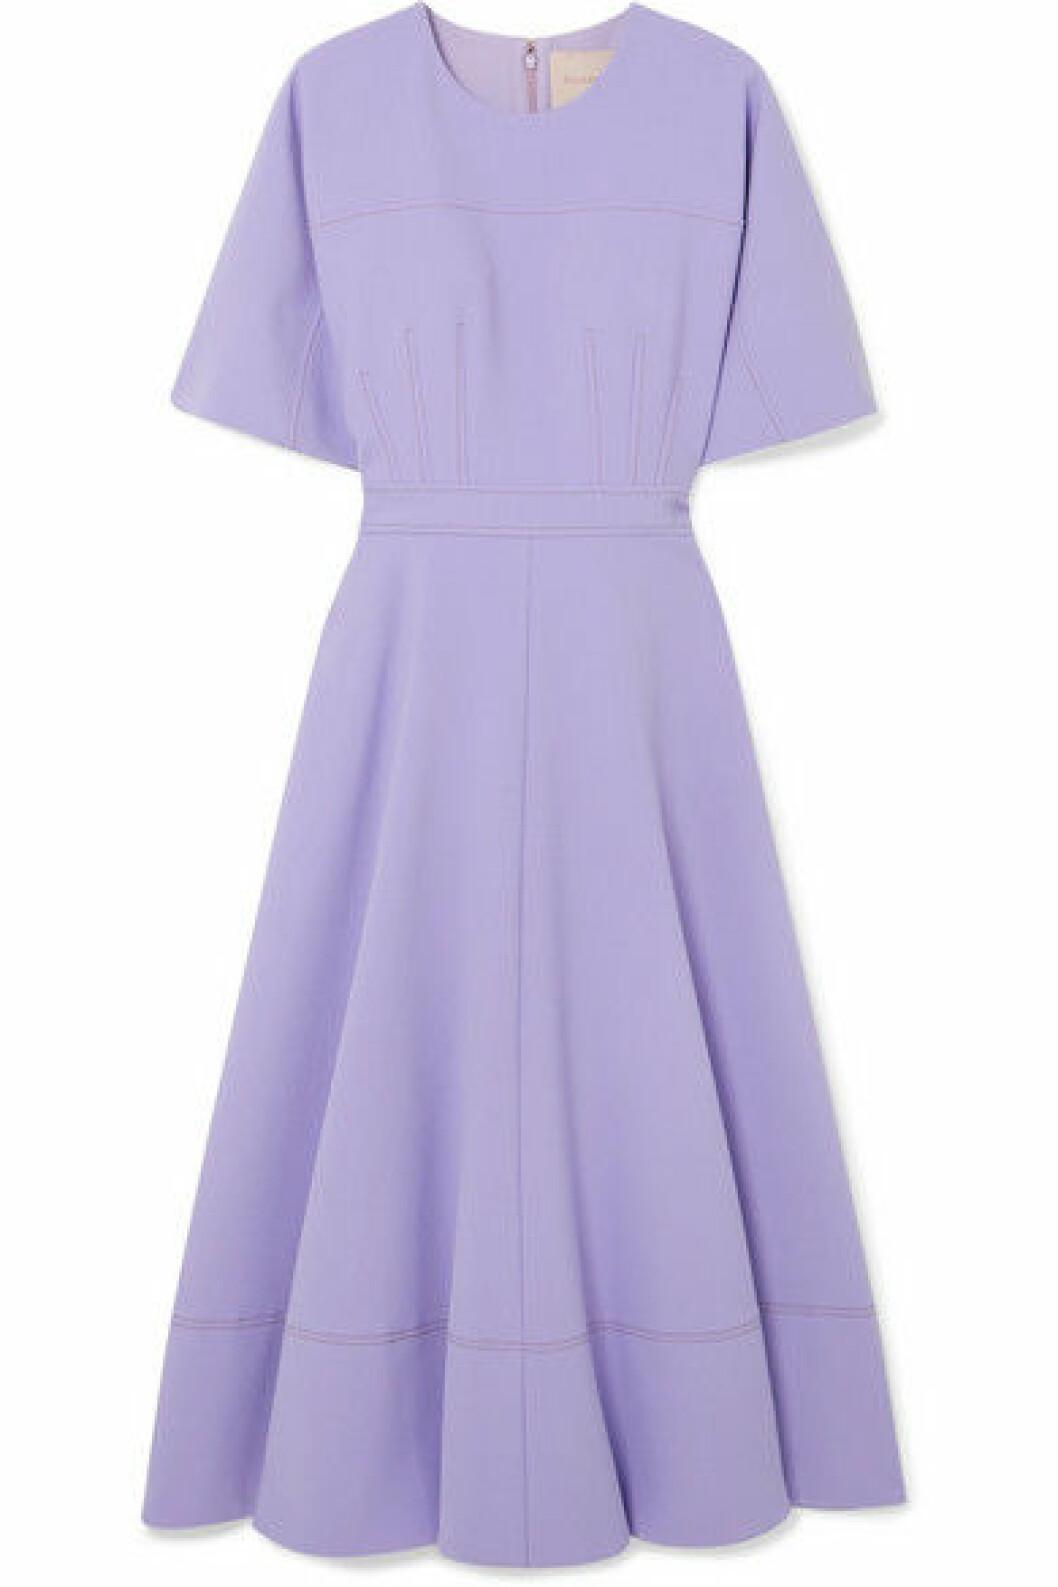 Lila klänning i midmodell